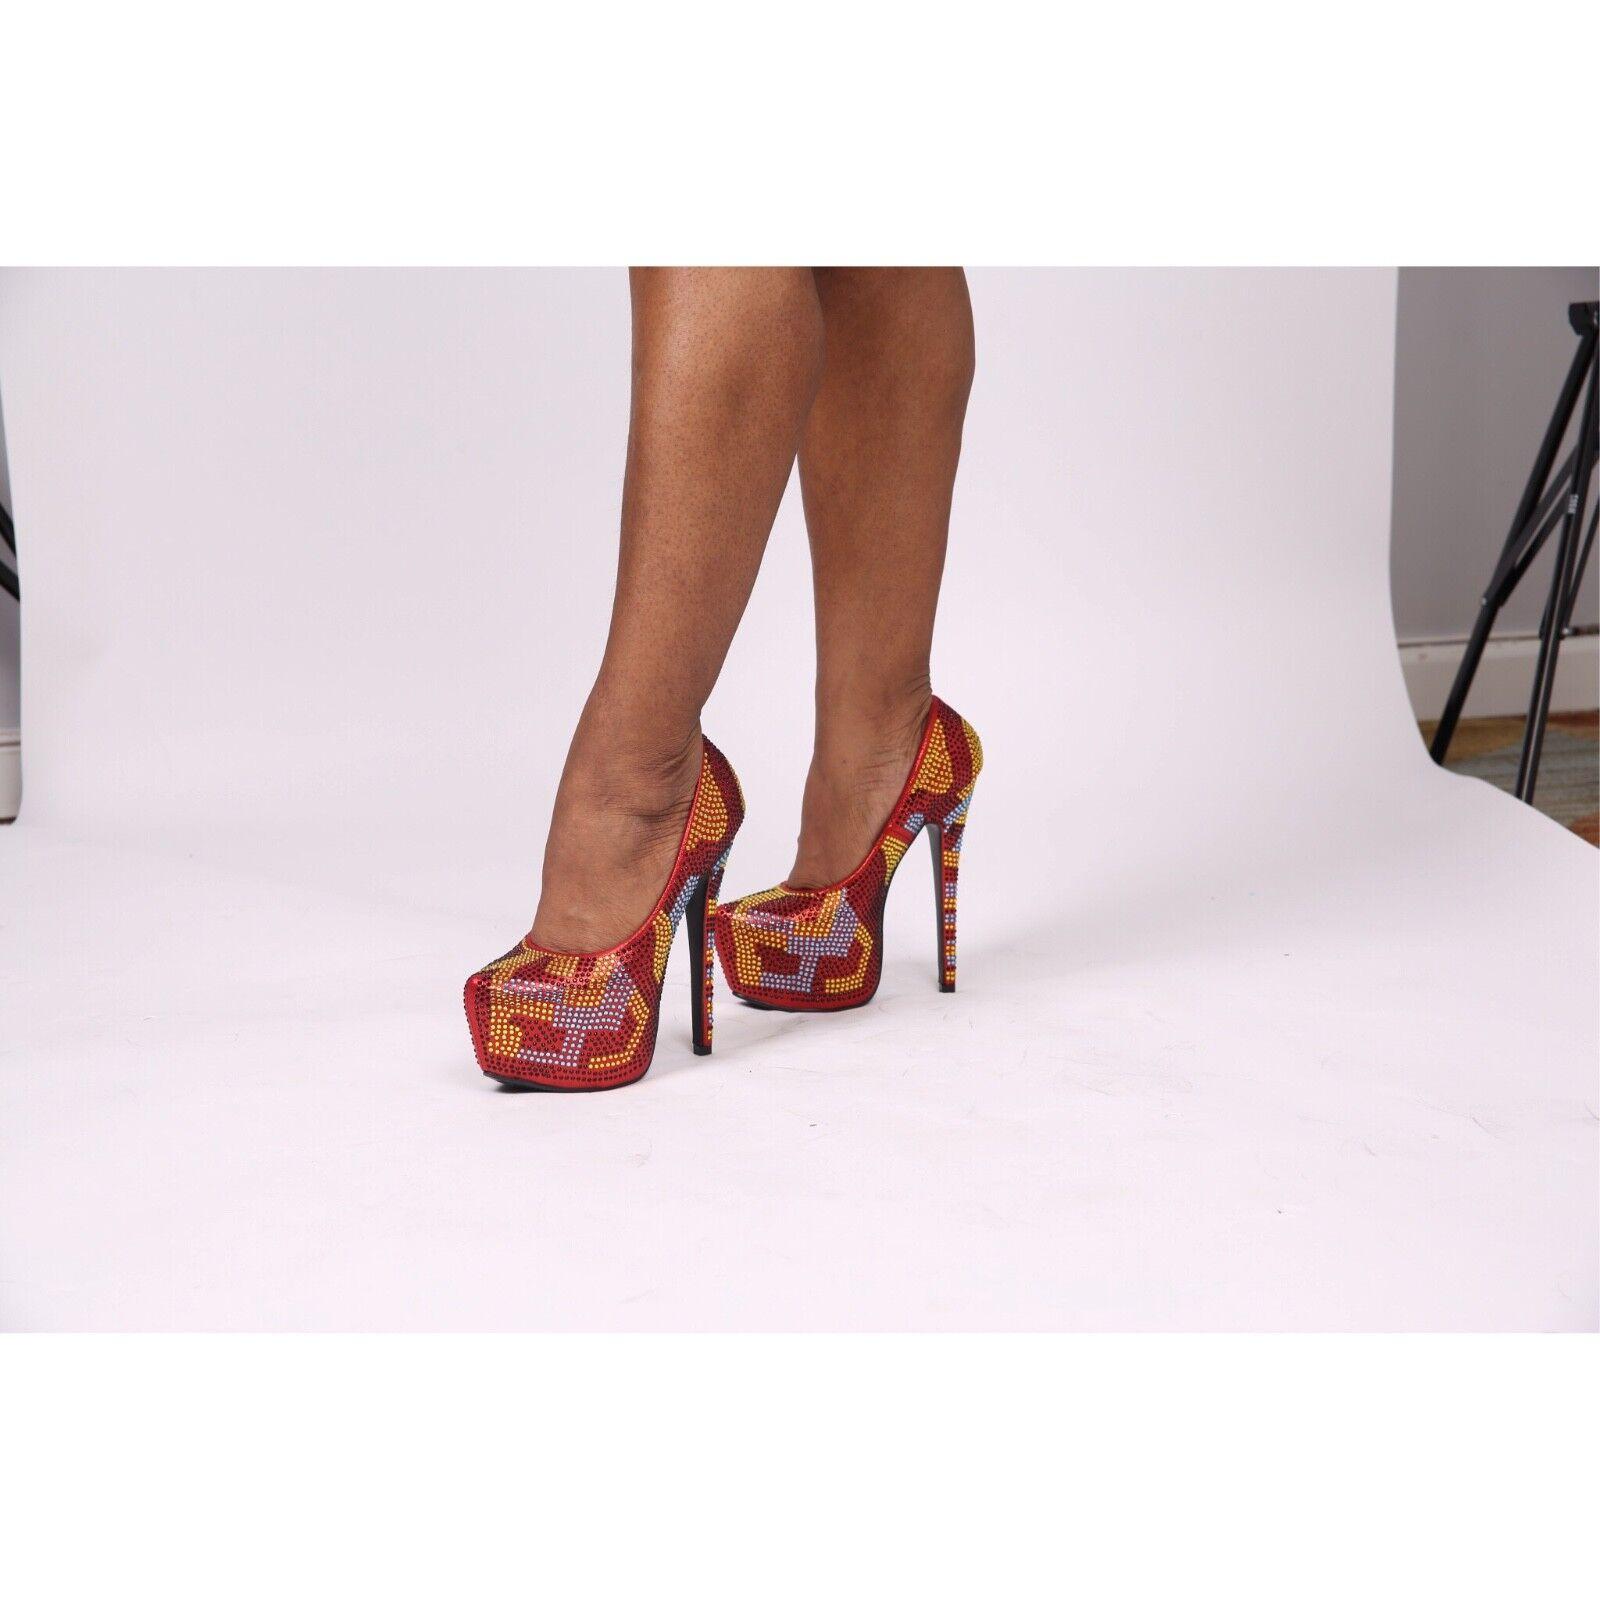 Beautiful Stiletto Heels